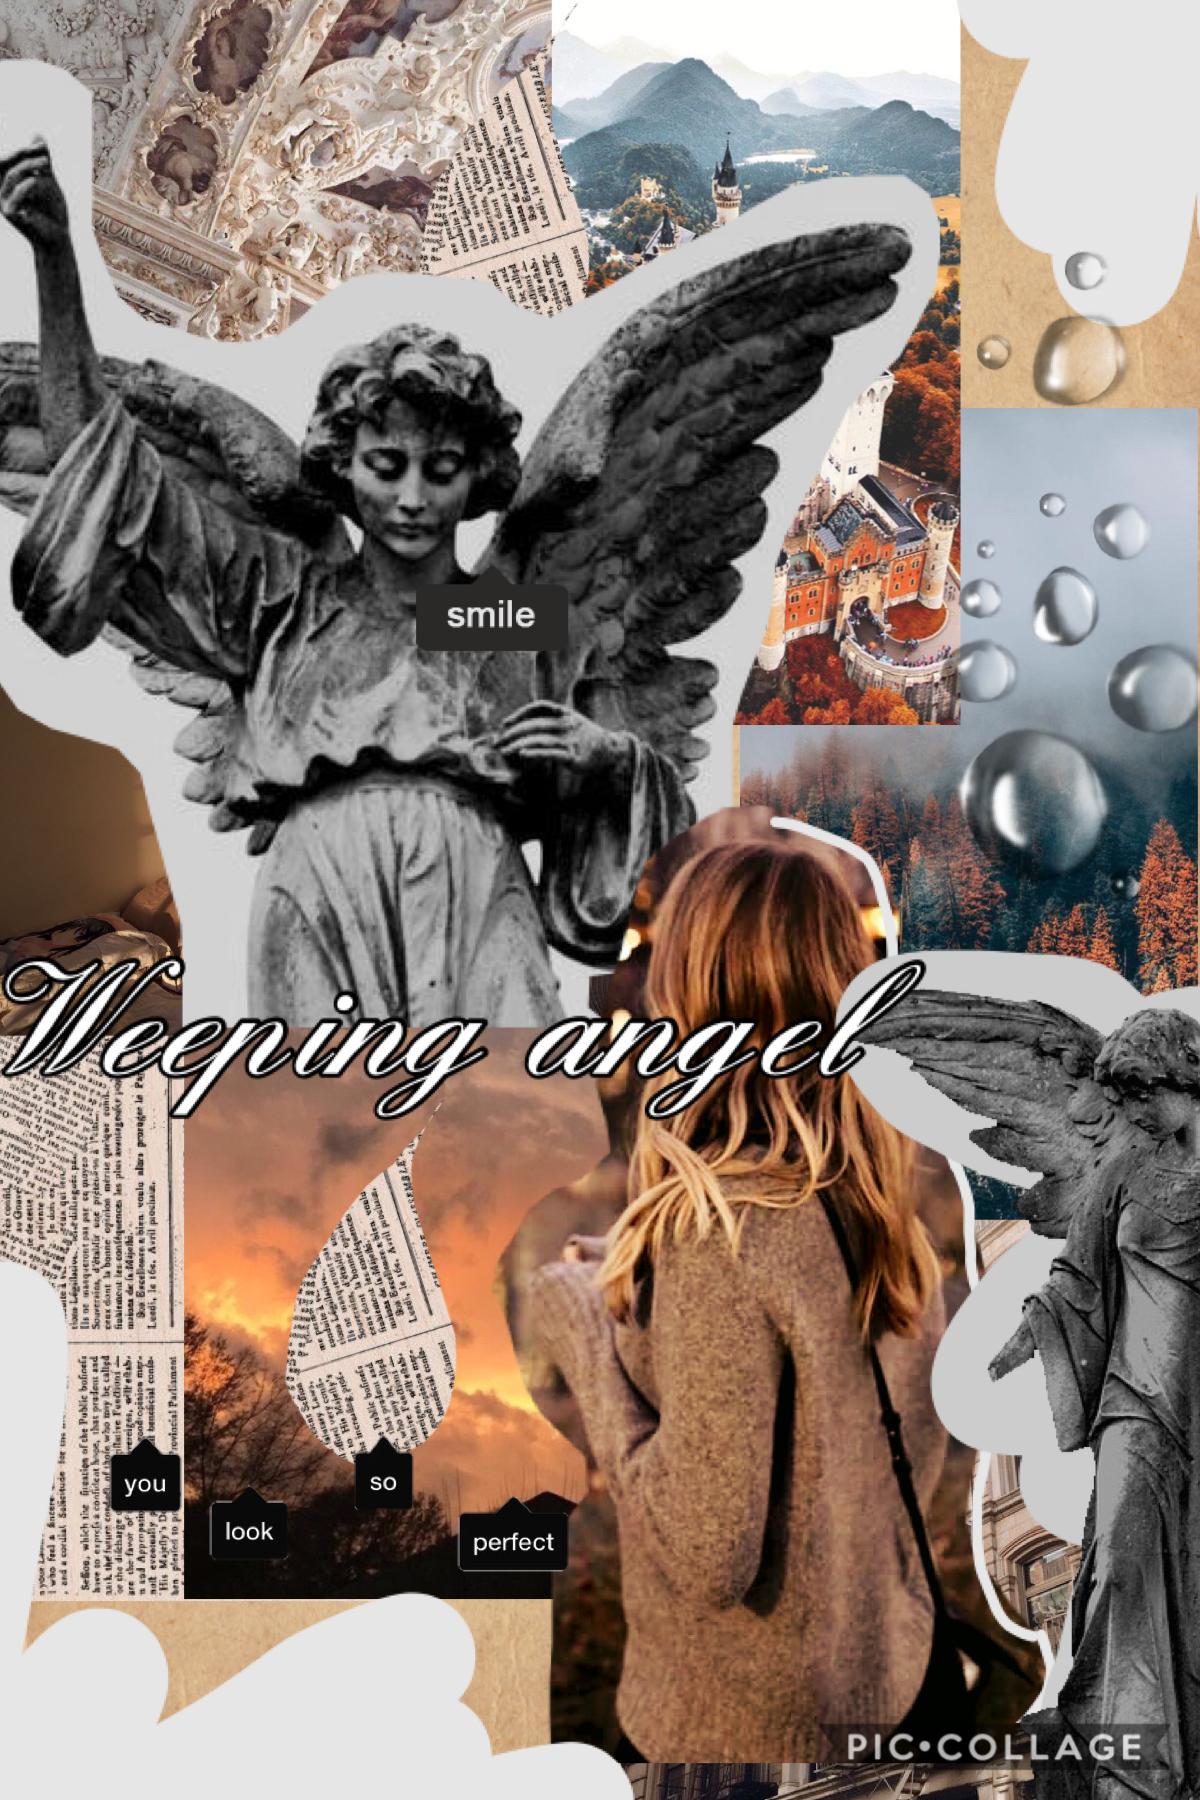 Weeping angel 😇